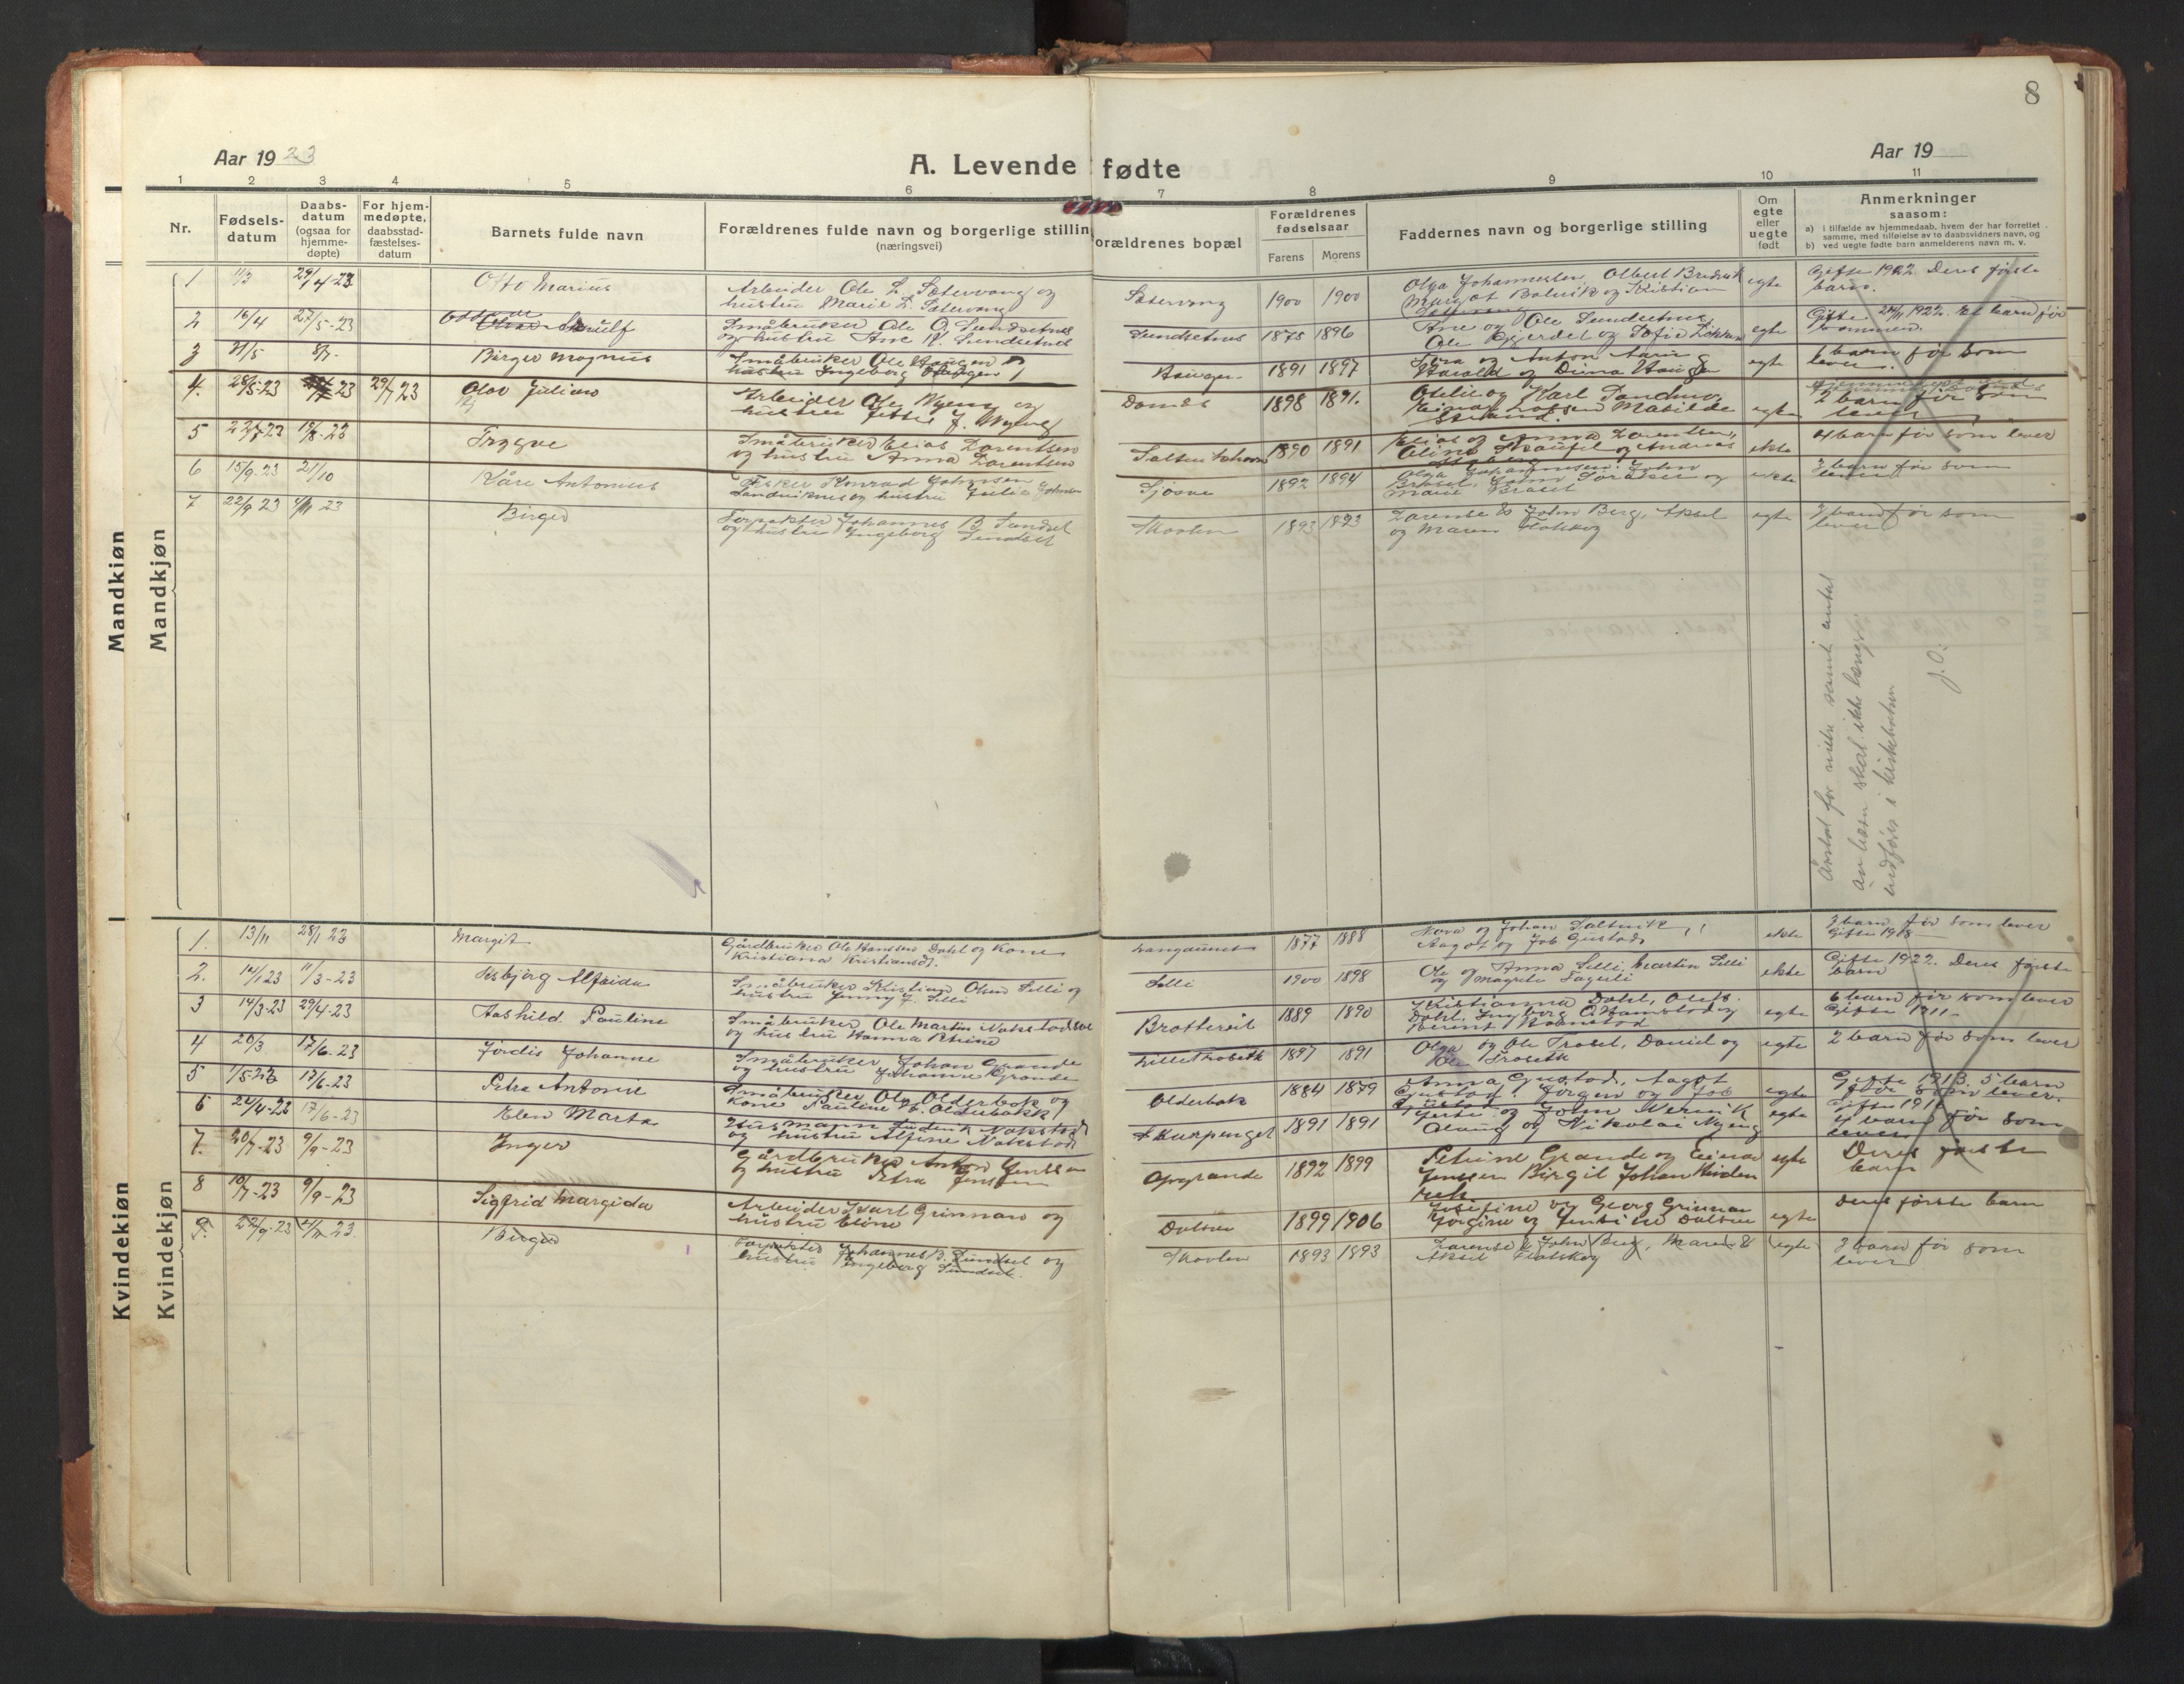 SAT, Ministerialprotokoller, klokkerbøker og fødselsregistre - Nord-Trøndelag, 733/L0328: Klokkerbok nr. 733C03, 1919-1966, s. 8